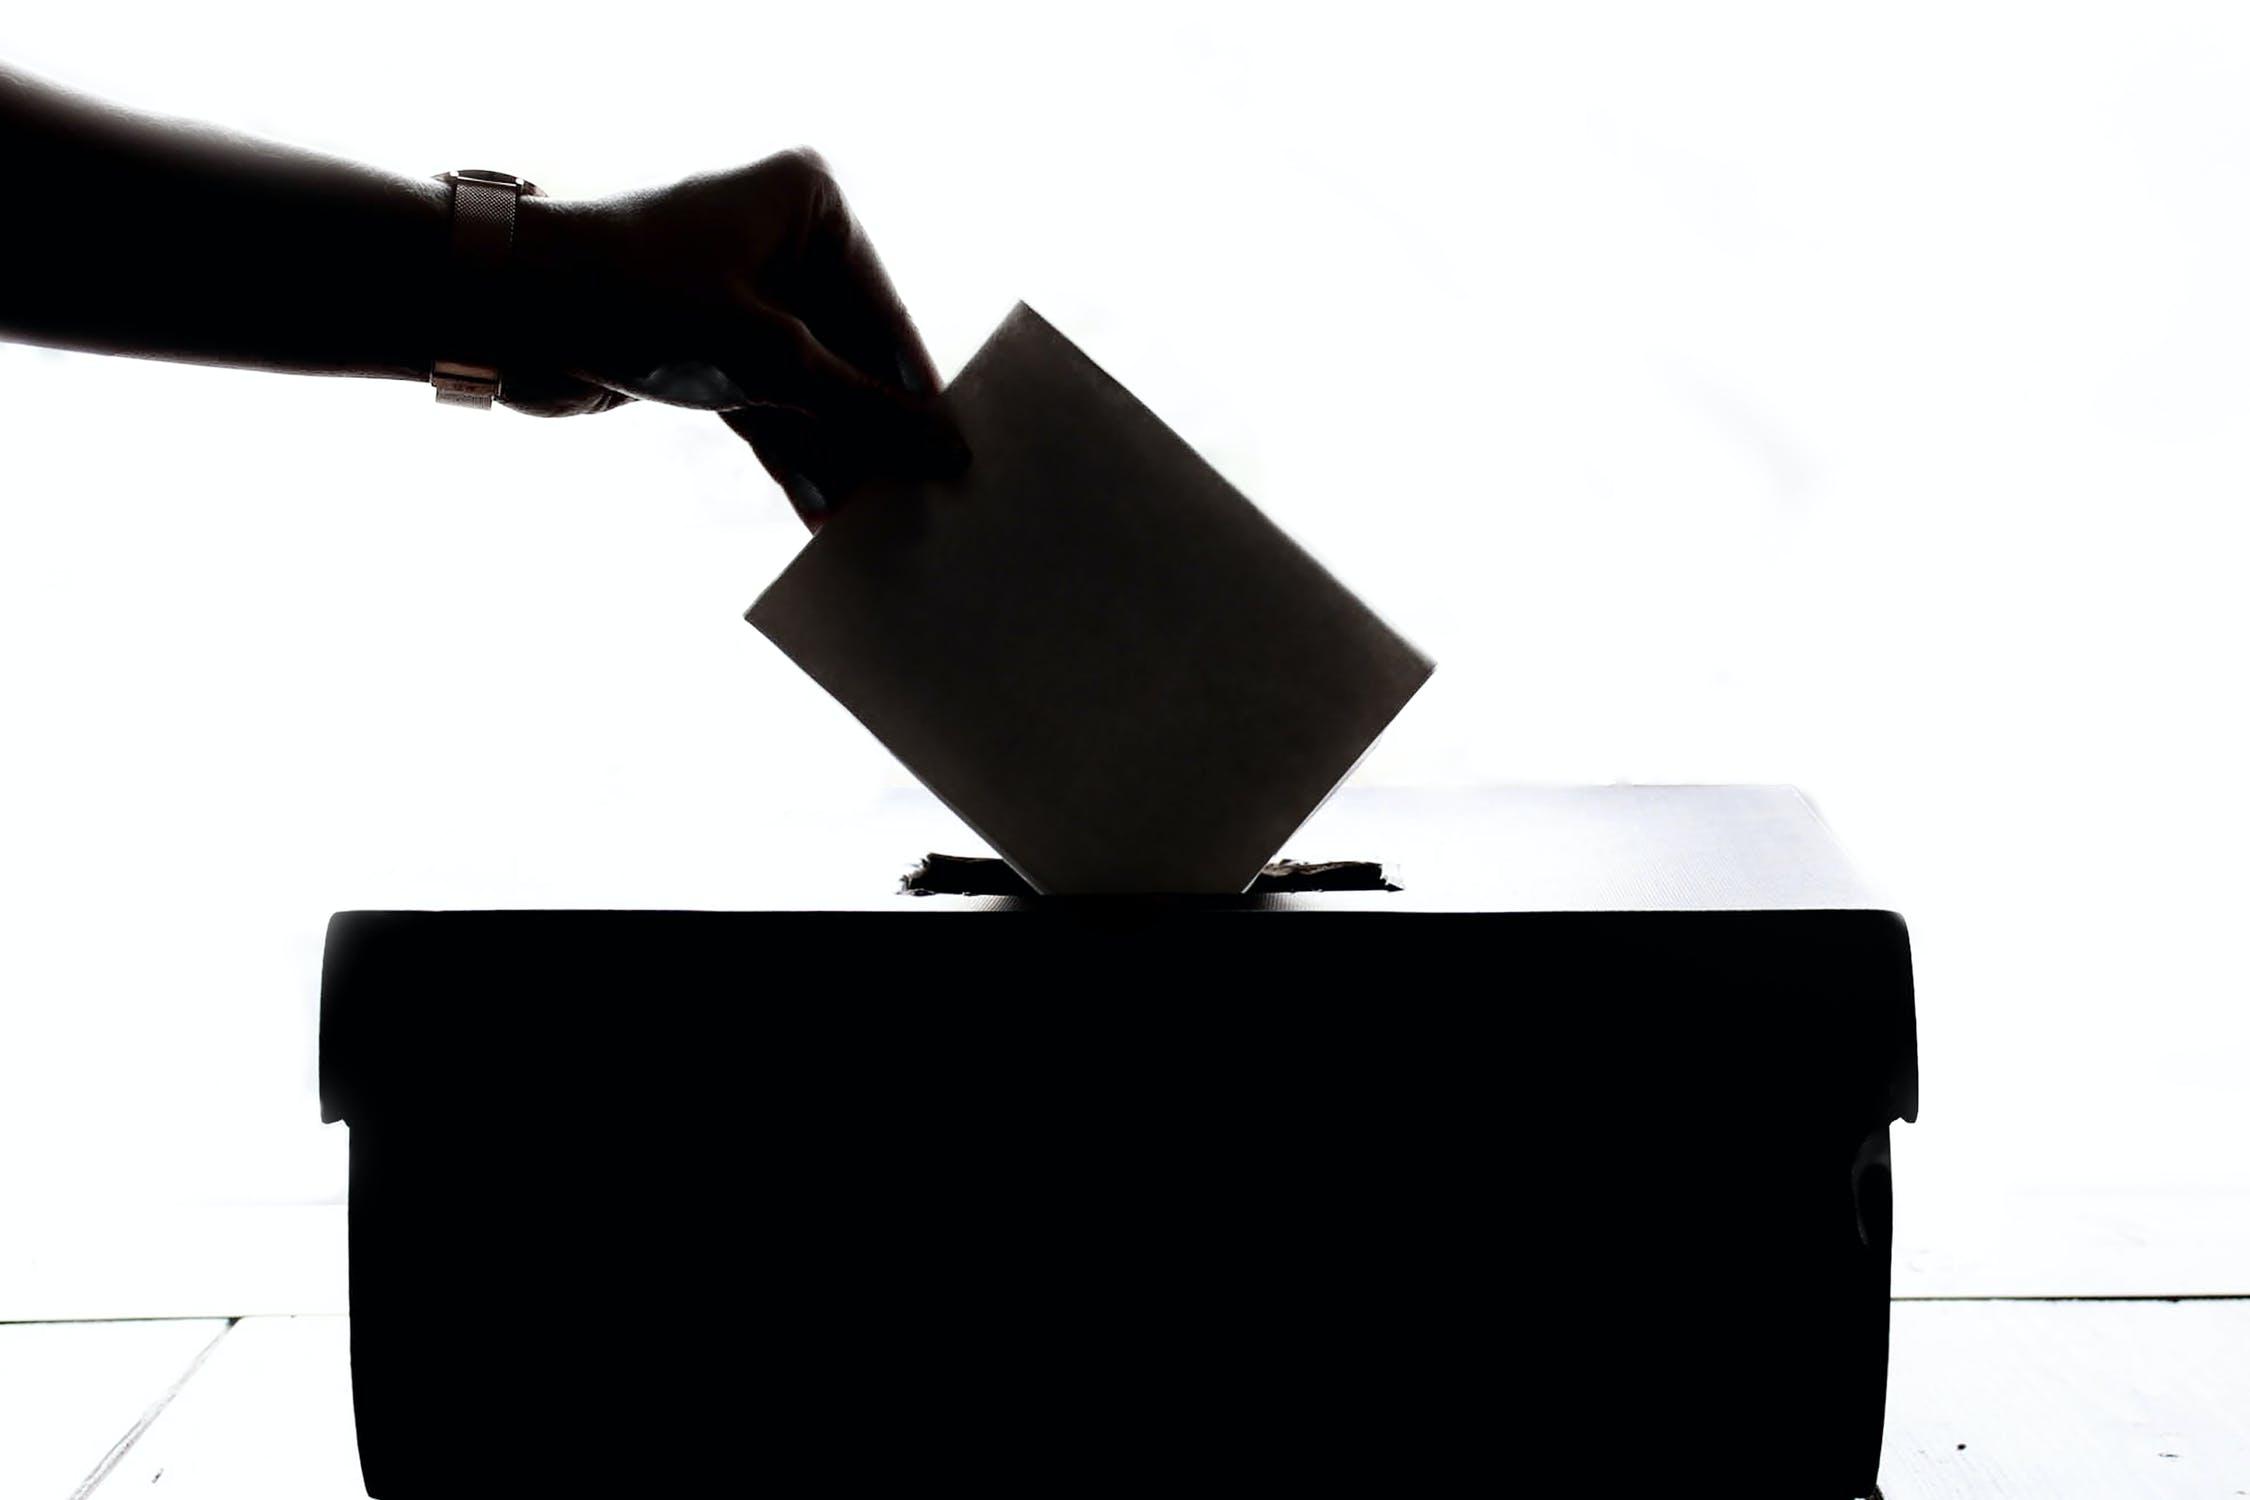 Ψήφος αποδήμων: θέμα αρχής, όχι συναλλαγής